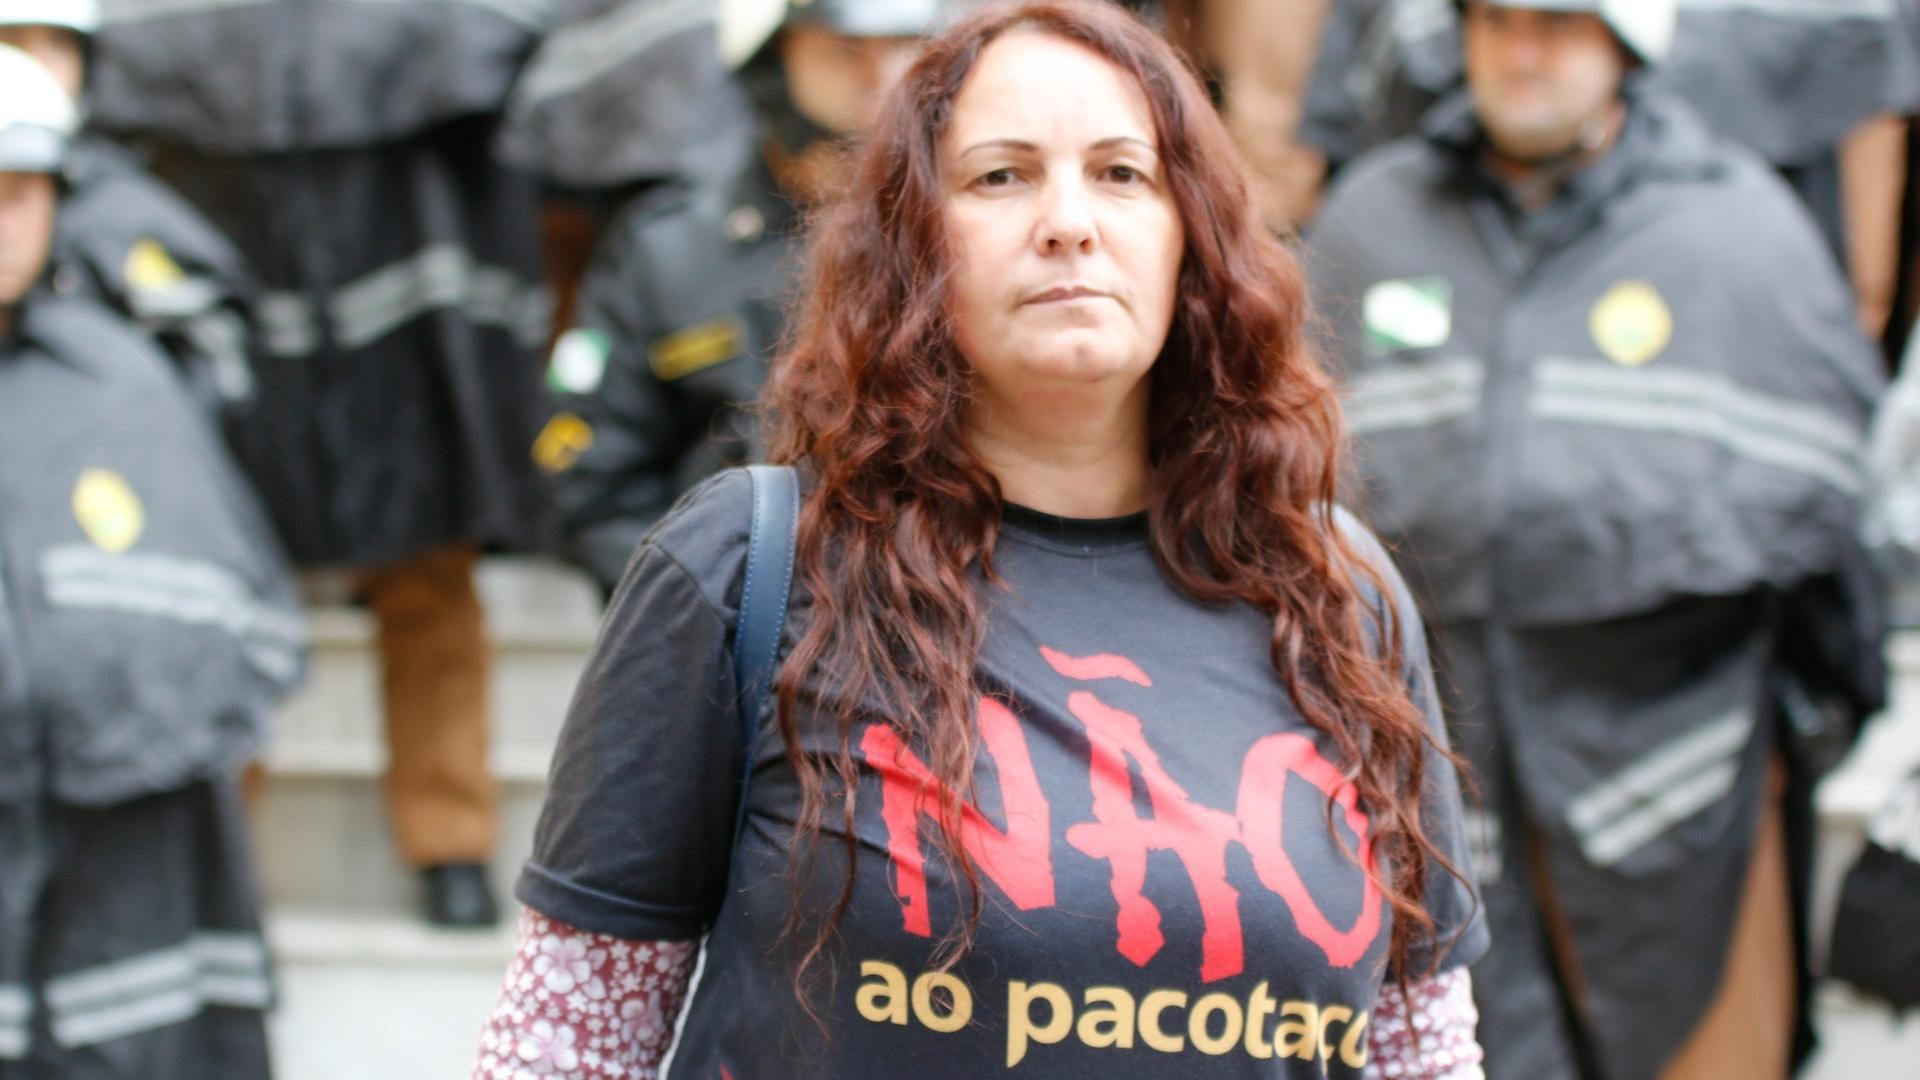 20.jun.2017 - Professores continuam firmes em cerco a Câmara Municipal da capital paranaense, contra o 'Pacotaço'. Em símbolo de paz deram flores ao policiais militares